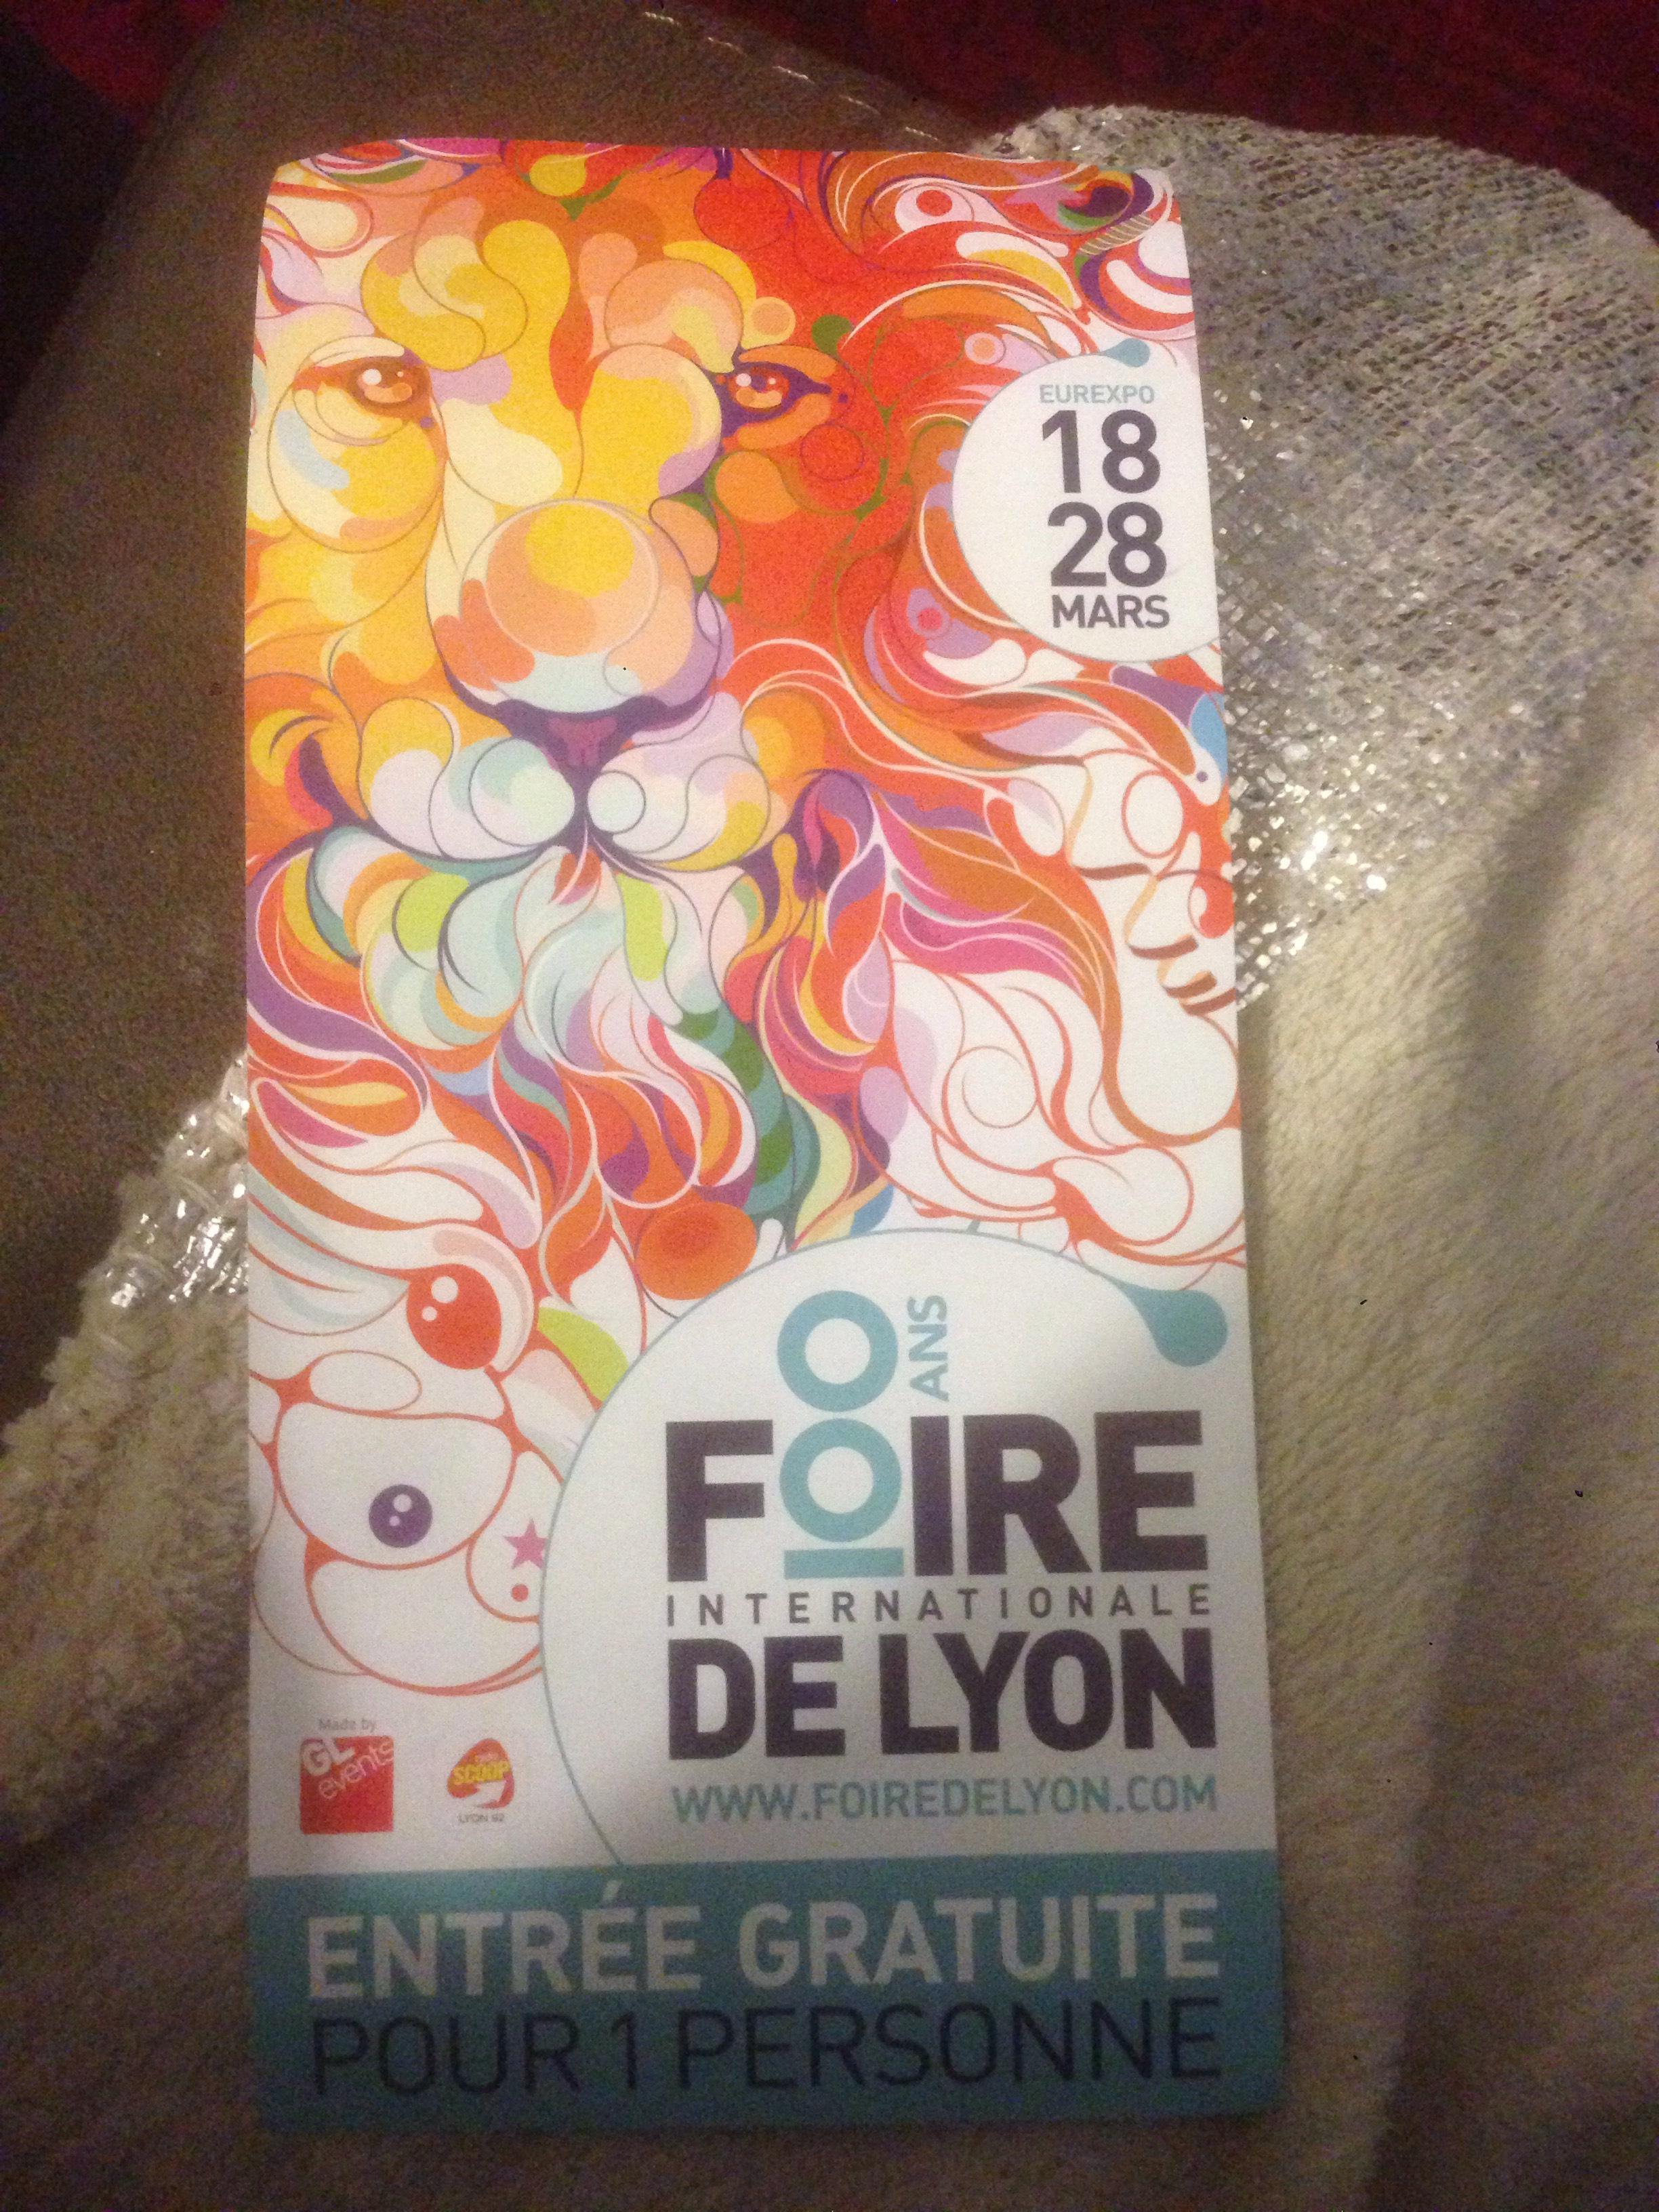 Entrée gratuite pour la Foire de Lyon du 18 au 28 mars 2016